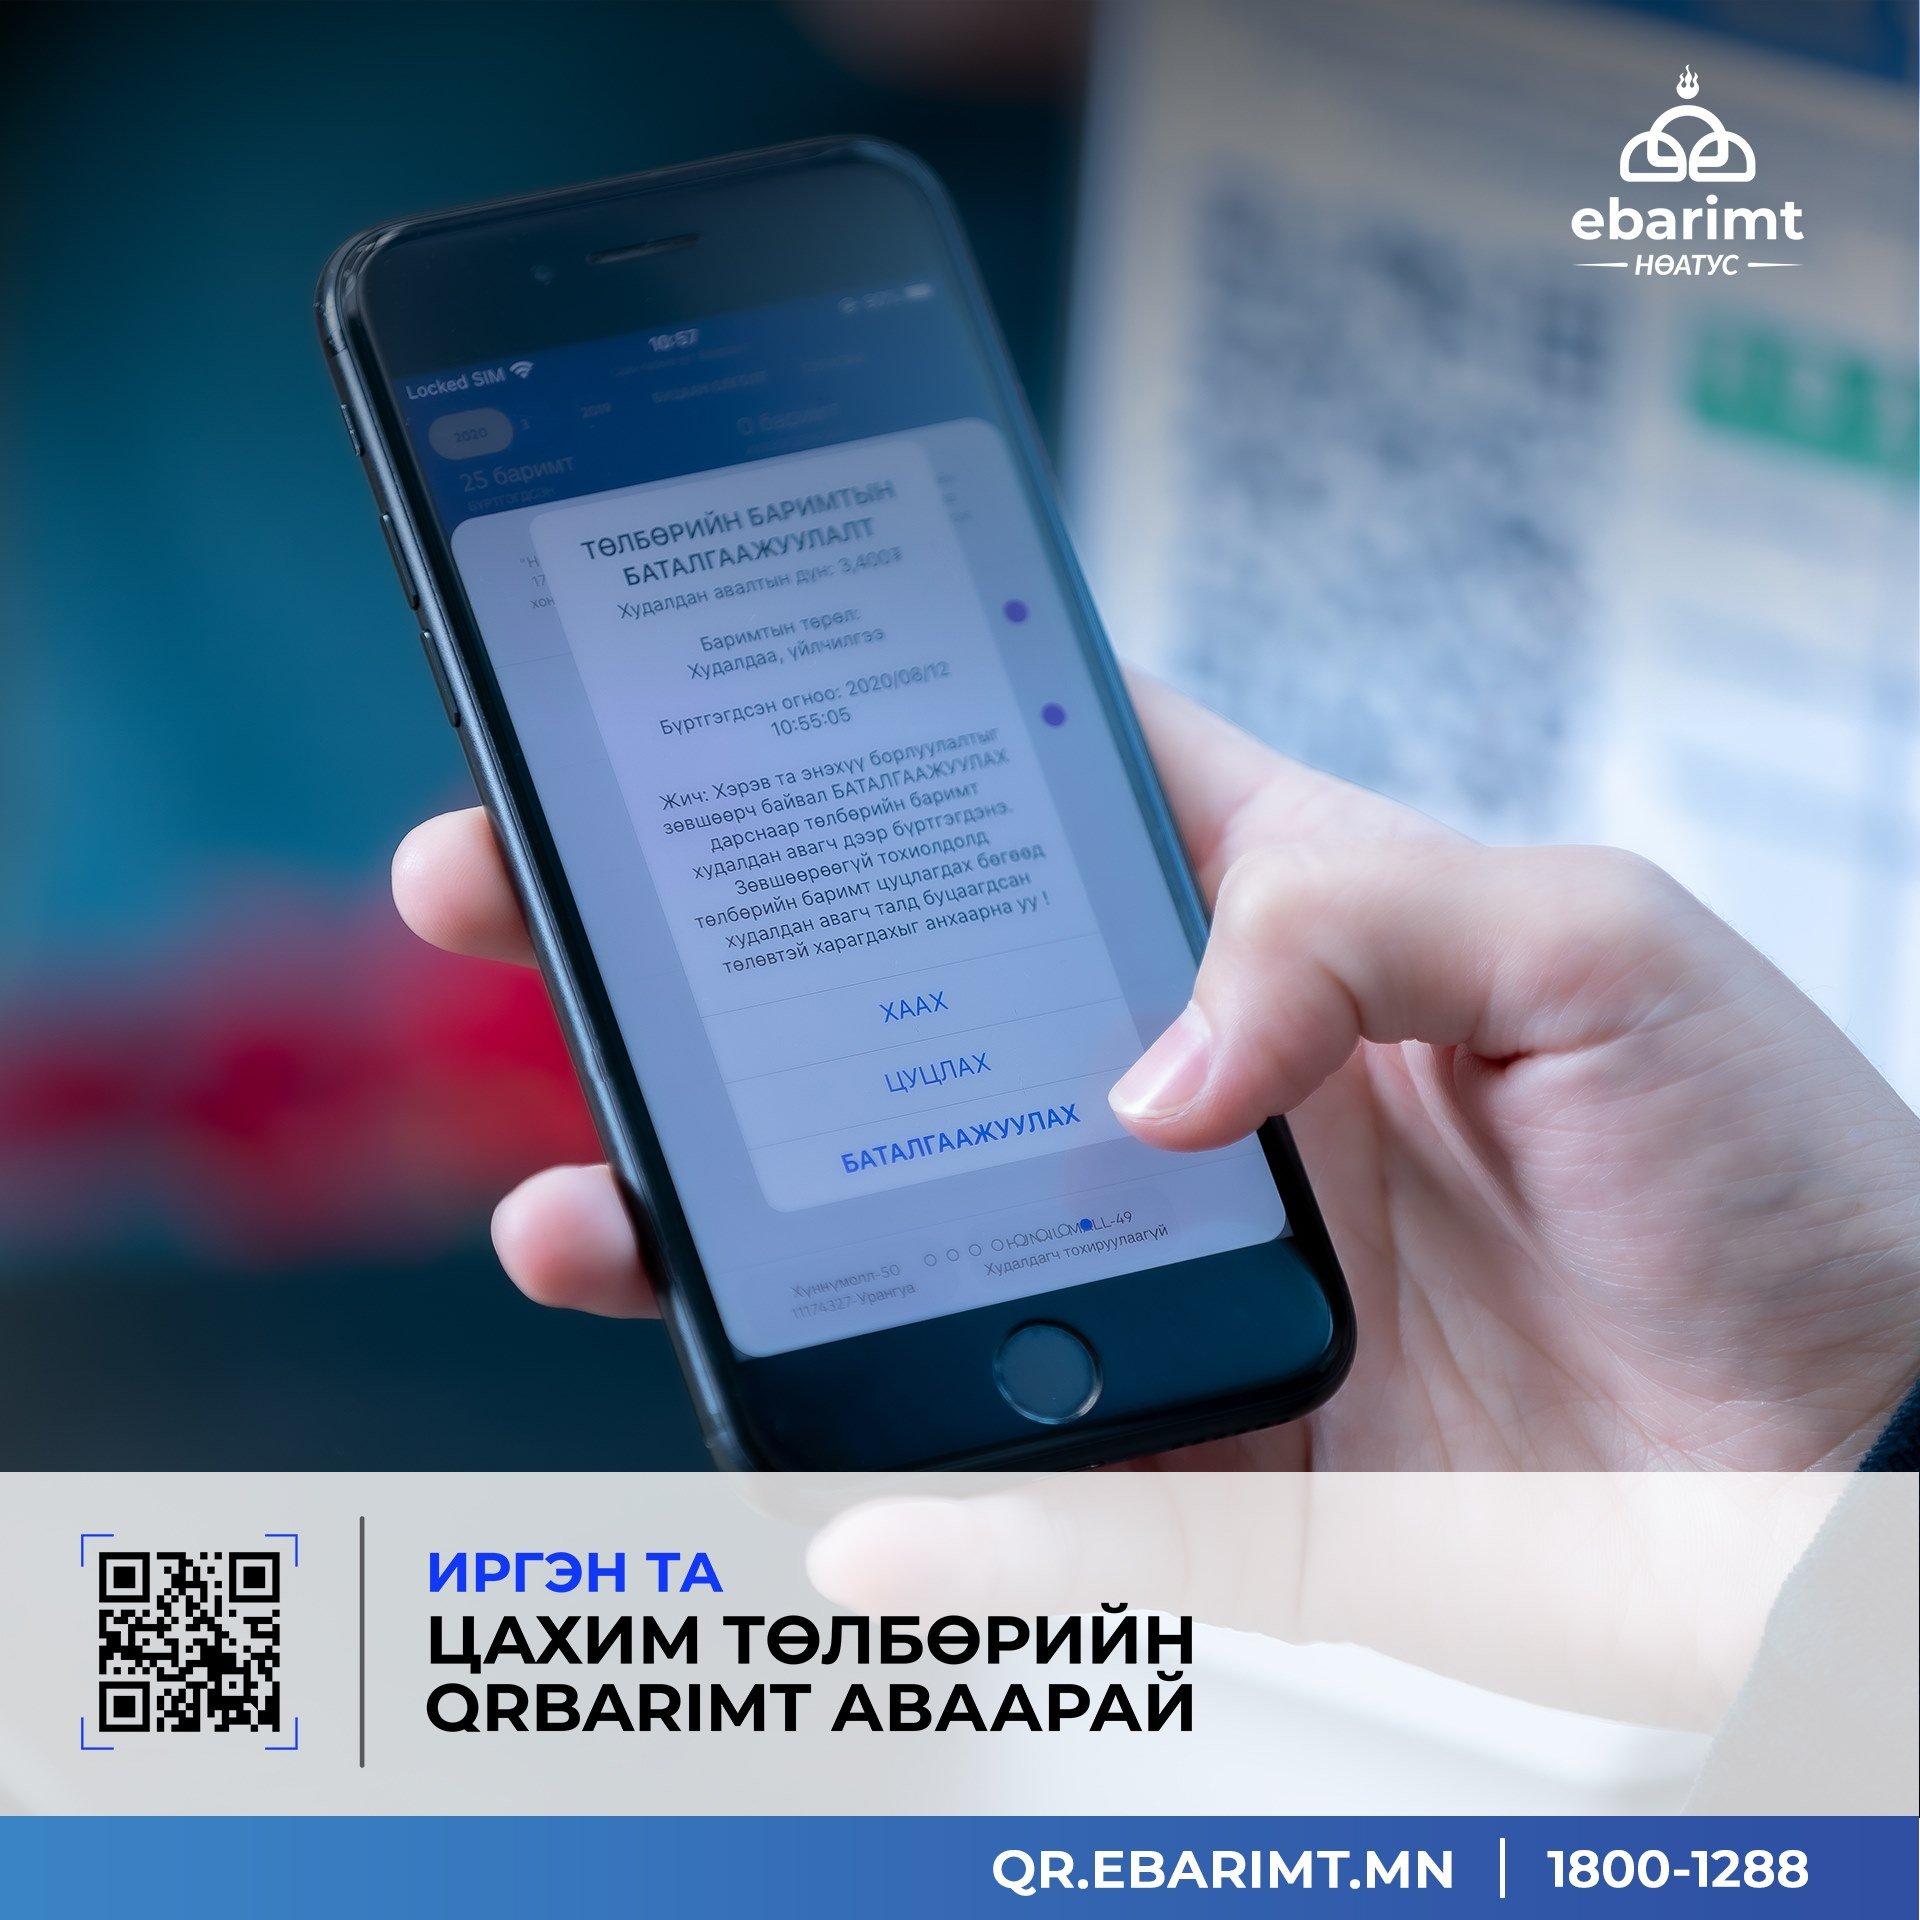 Иргэн та цахим төлбөрийн QRbarimt-аа аваарай.